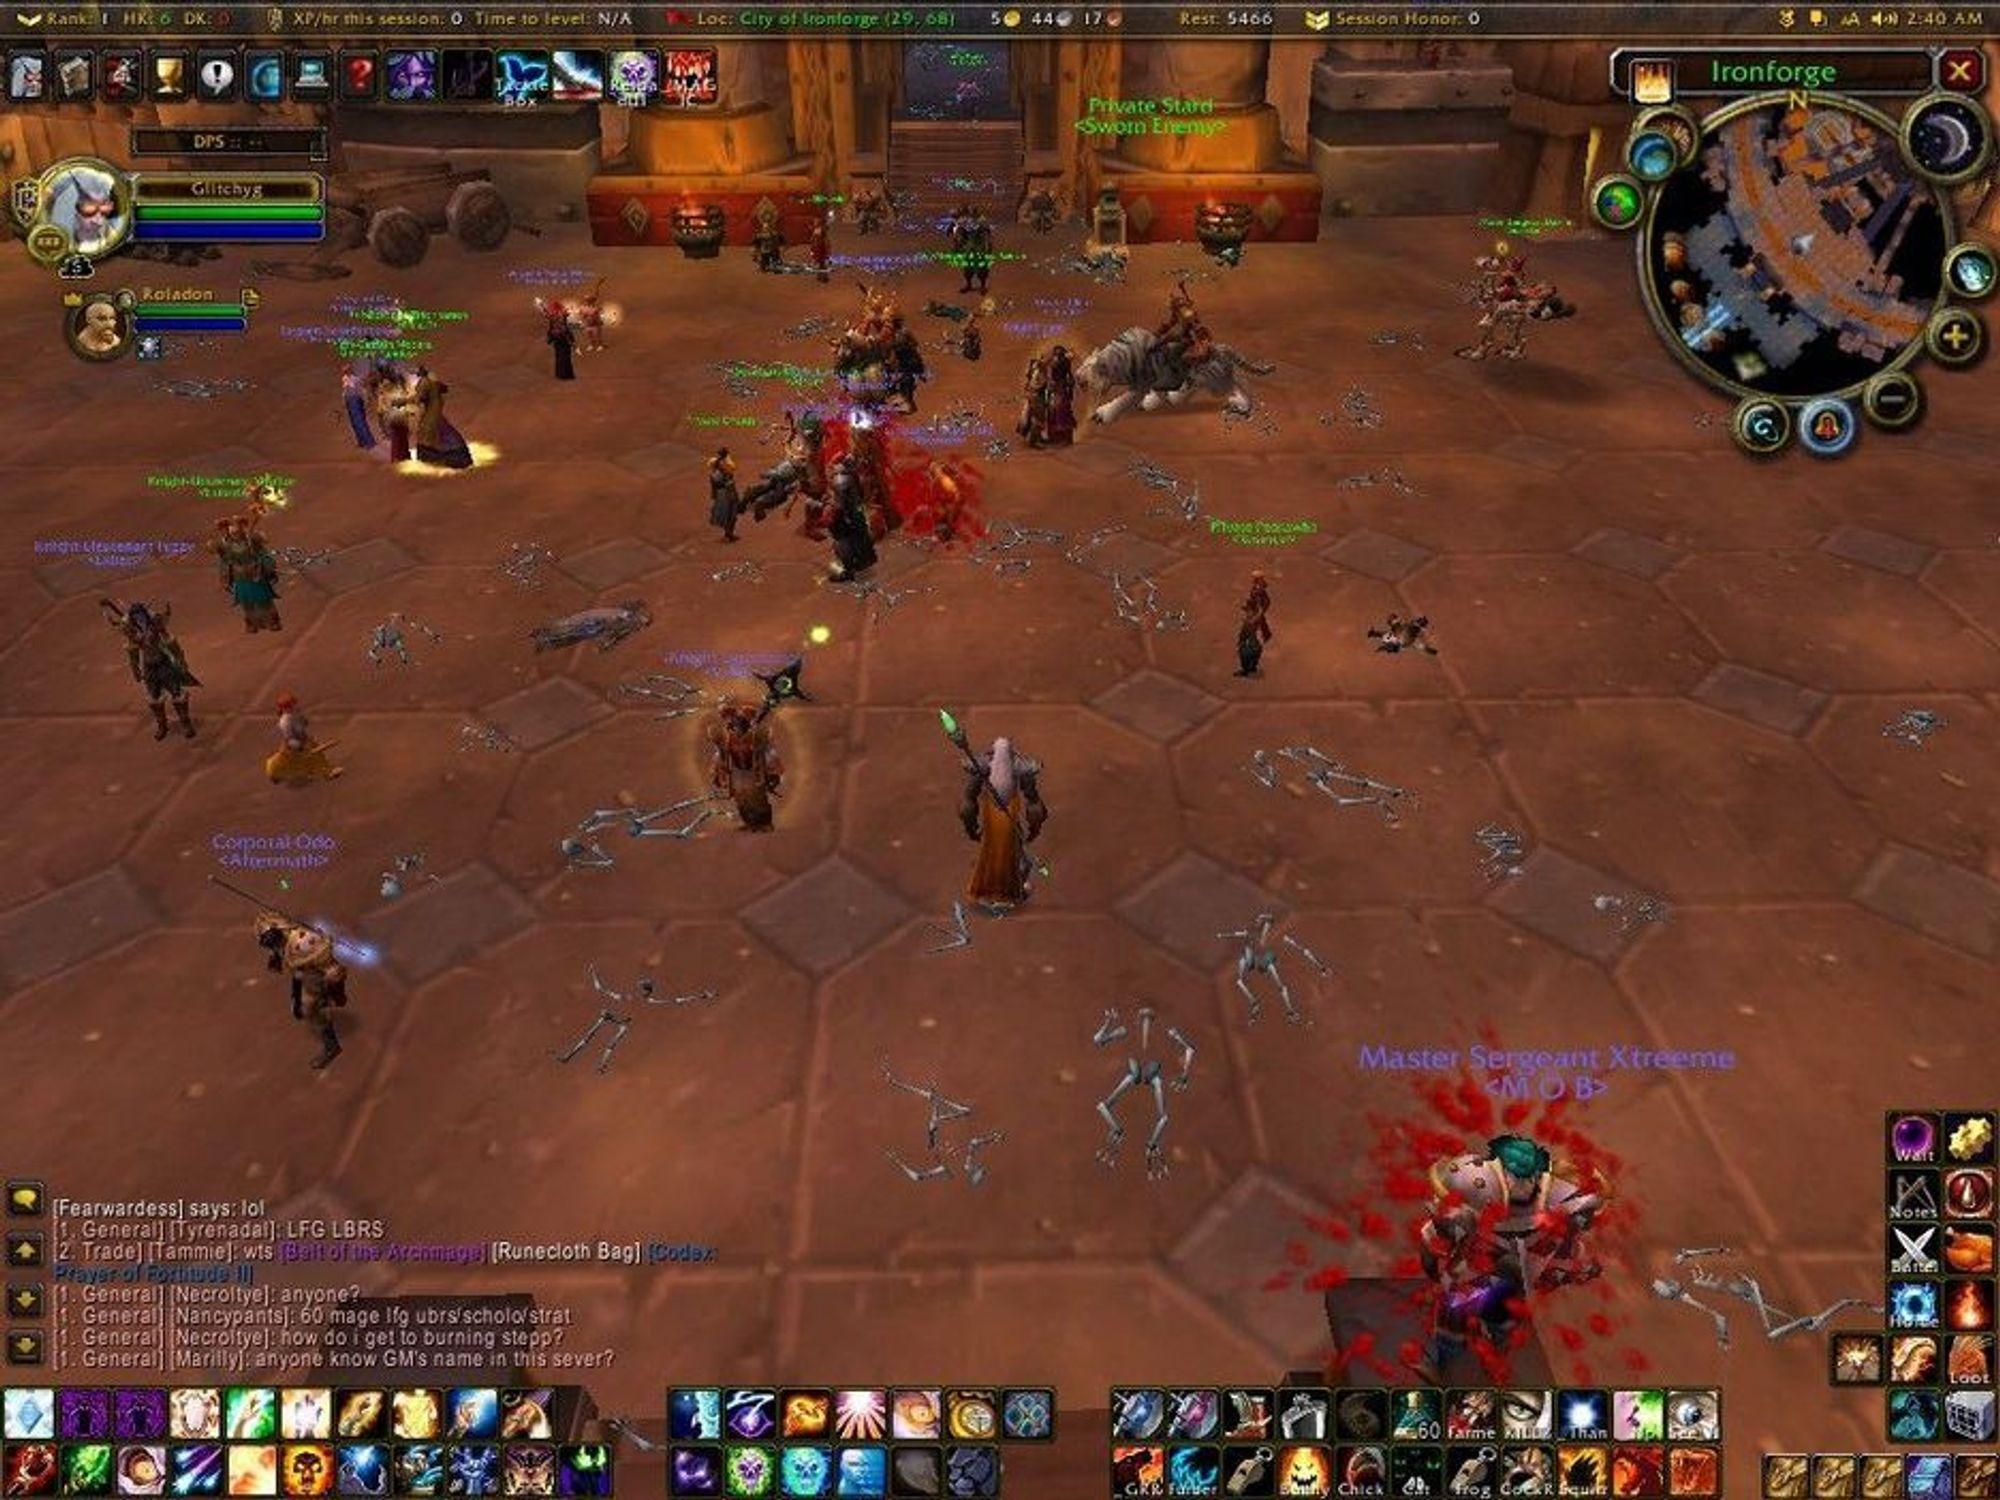 LIK: Blodet til Hakkar utløste pest i World of Warcraft. Flere tusen spillere døde etter få sekunder. Dette bildet er et skjermbilde tatt av en spiller og viser likene slik det så ut.